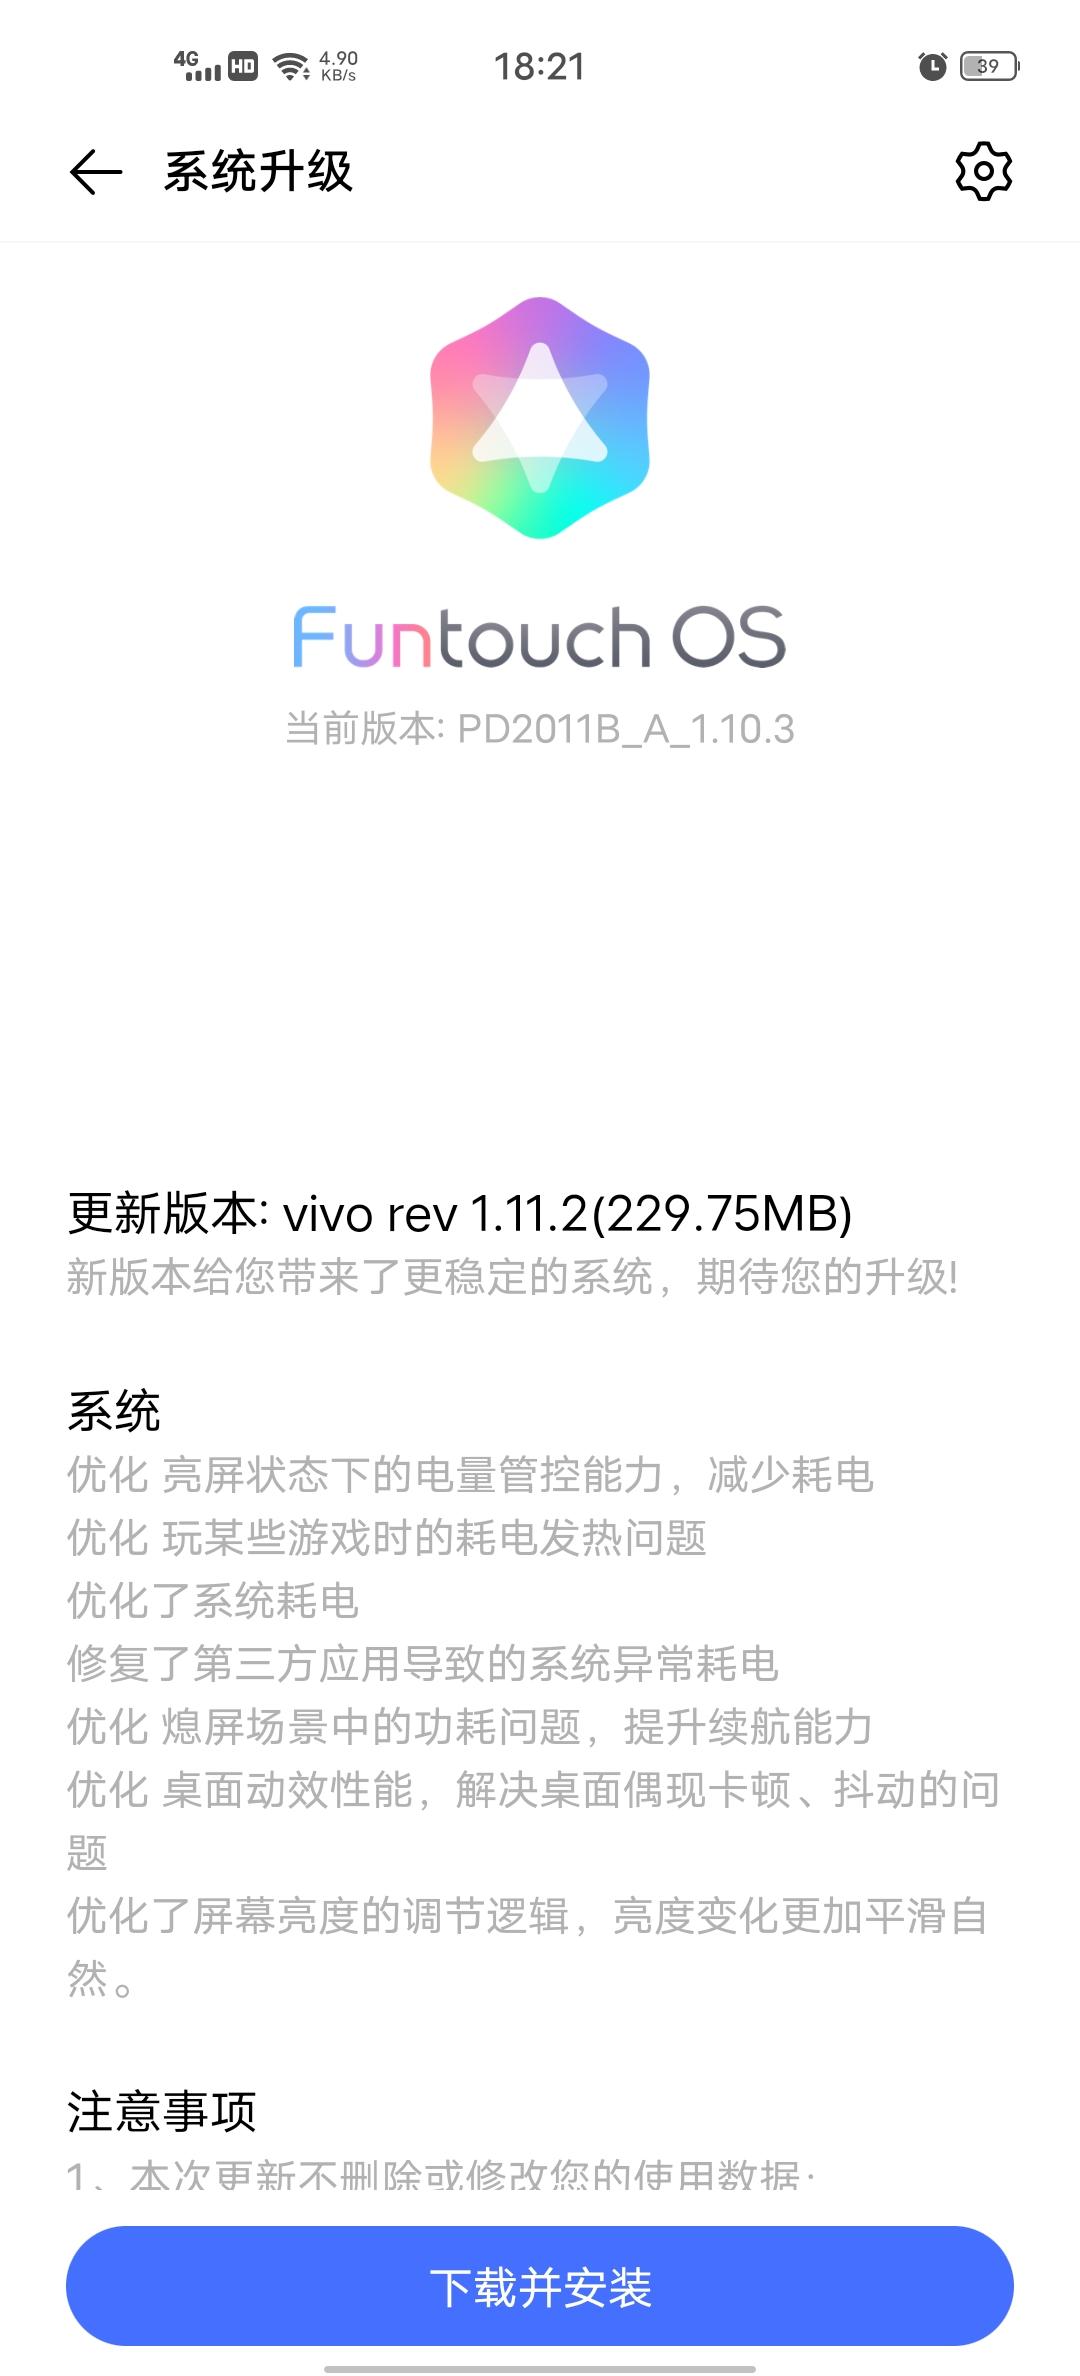 Screenshot_20200717_182131.jpg